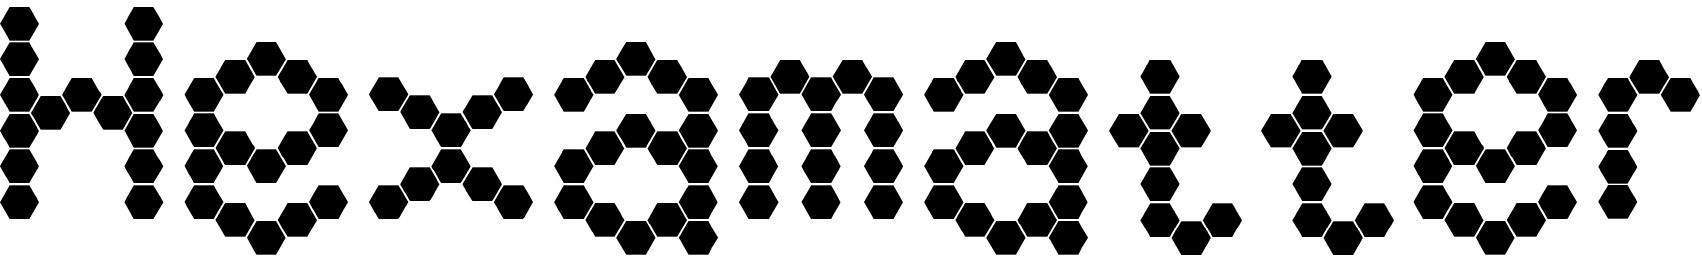 Hexamatter